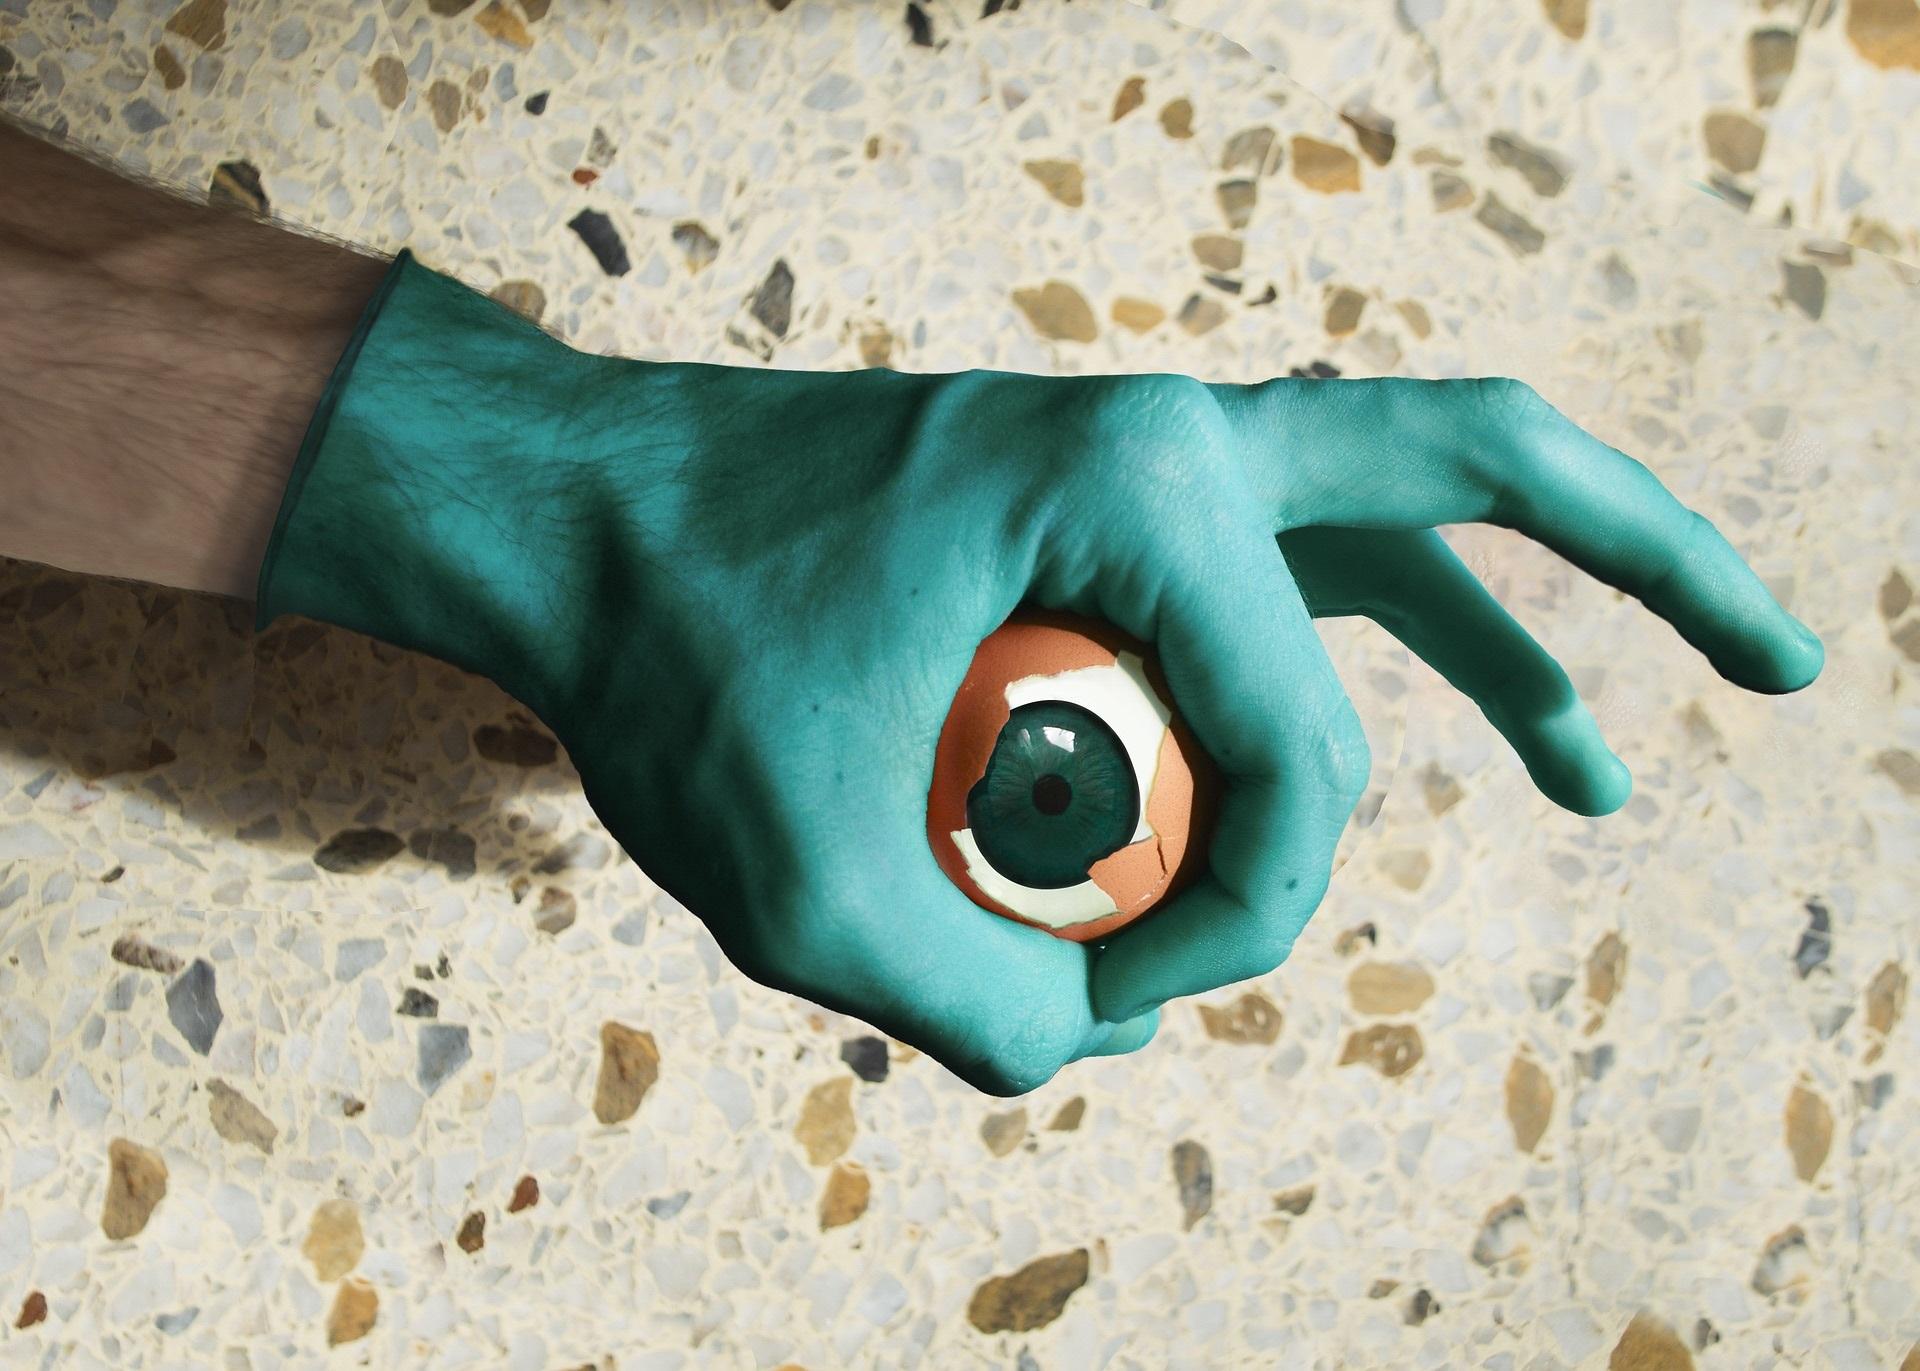 energii negative ou - sfatulaprintilor.ro - pixabay_com - hand-3050316_1920